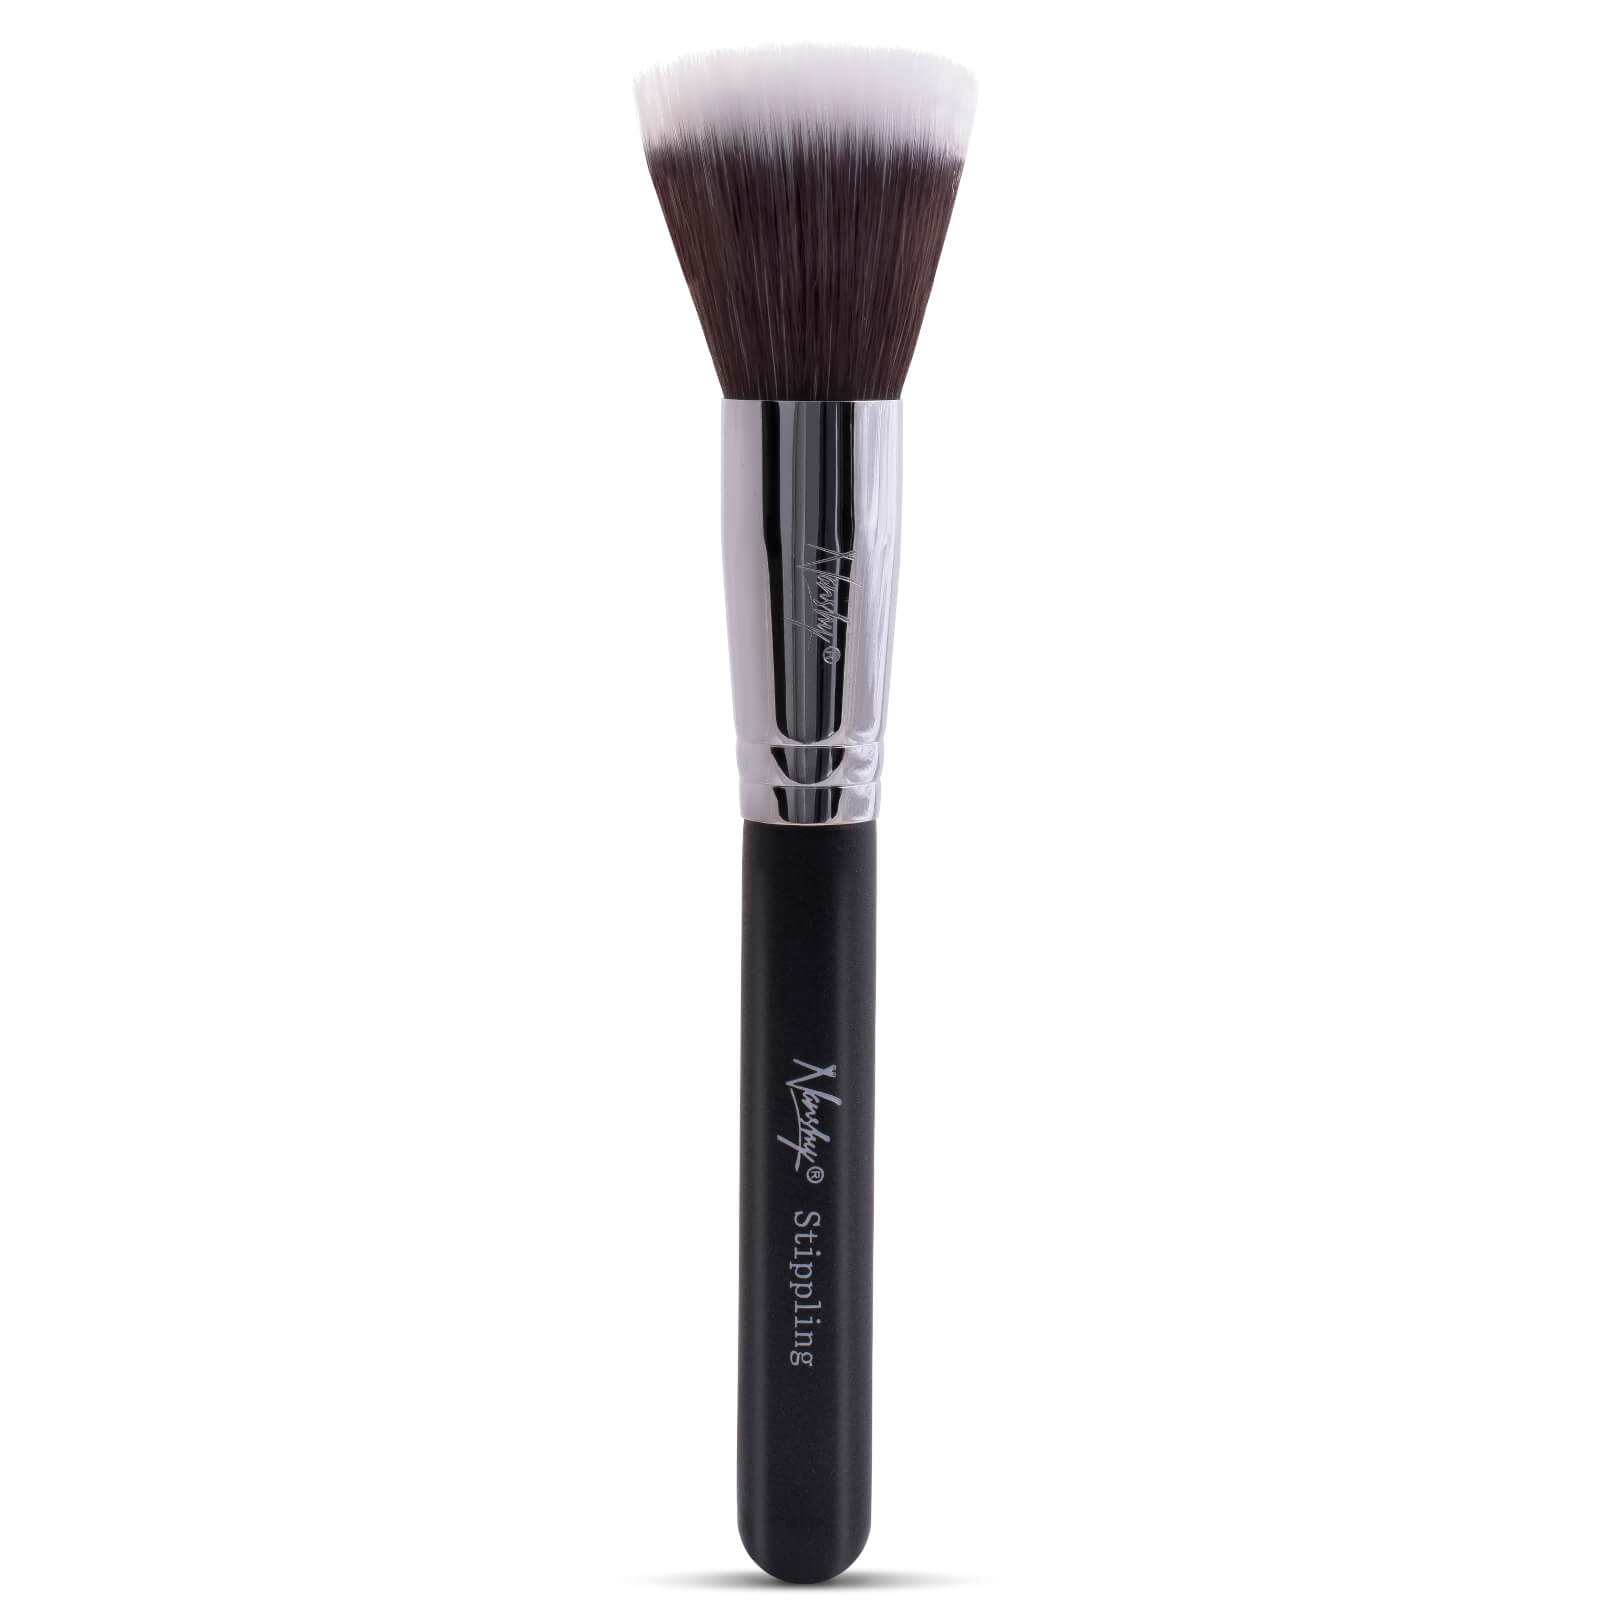 Купить Кисть для растушевки Nanshy Stippling Brush - черный оникс